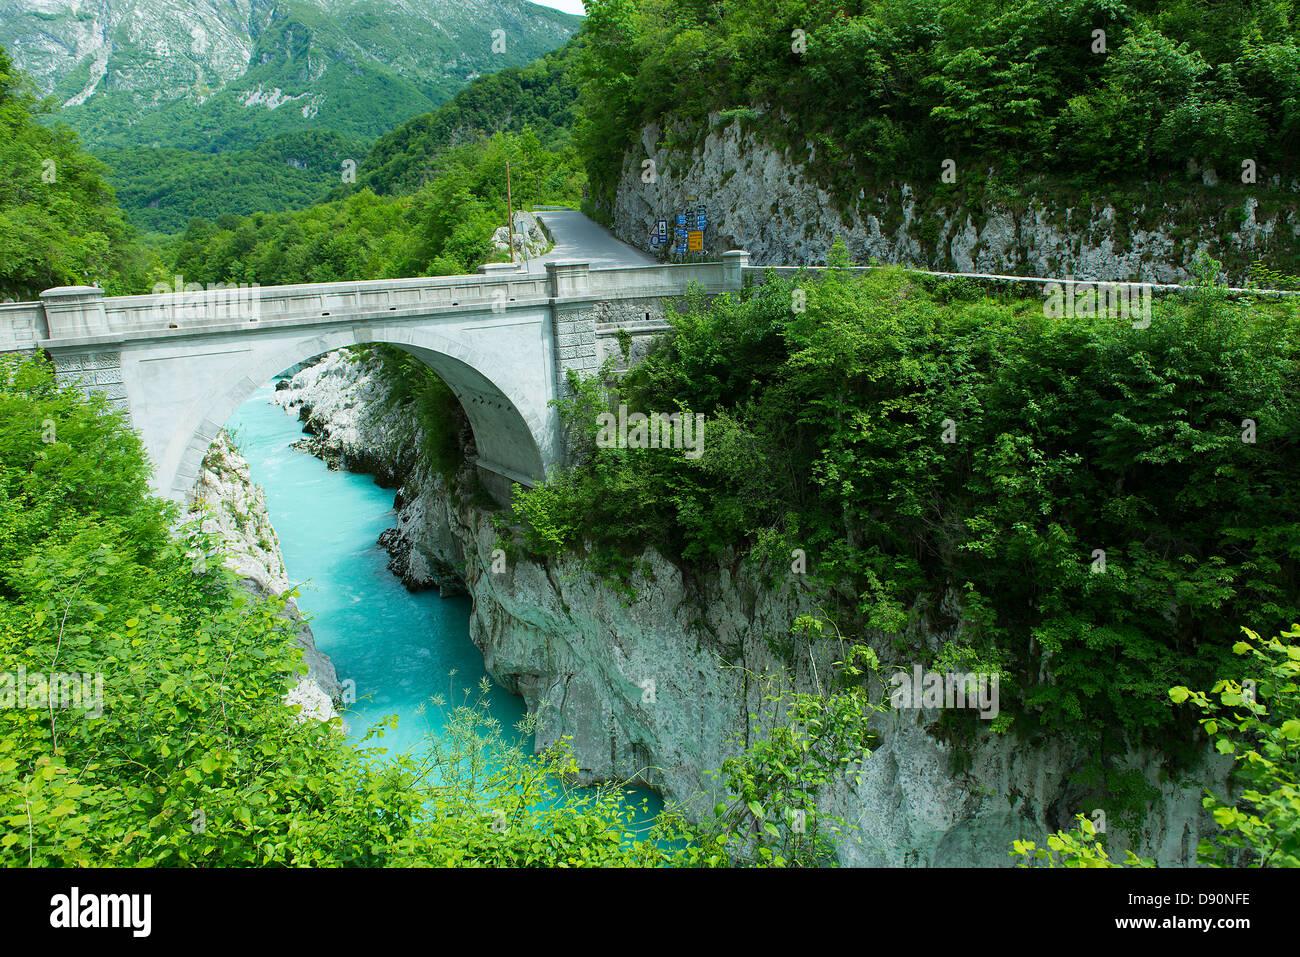 Il ponte napoleonico sul fiume soka in kobarid foto immagine stock 57179906 alamy - Il giardino sul fiume ...